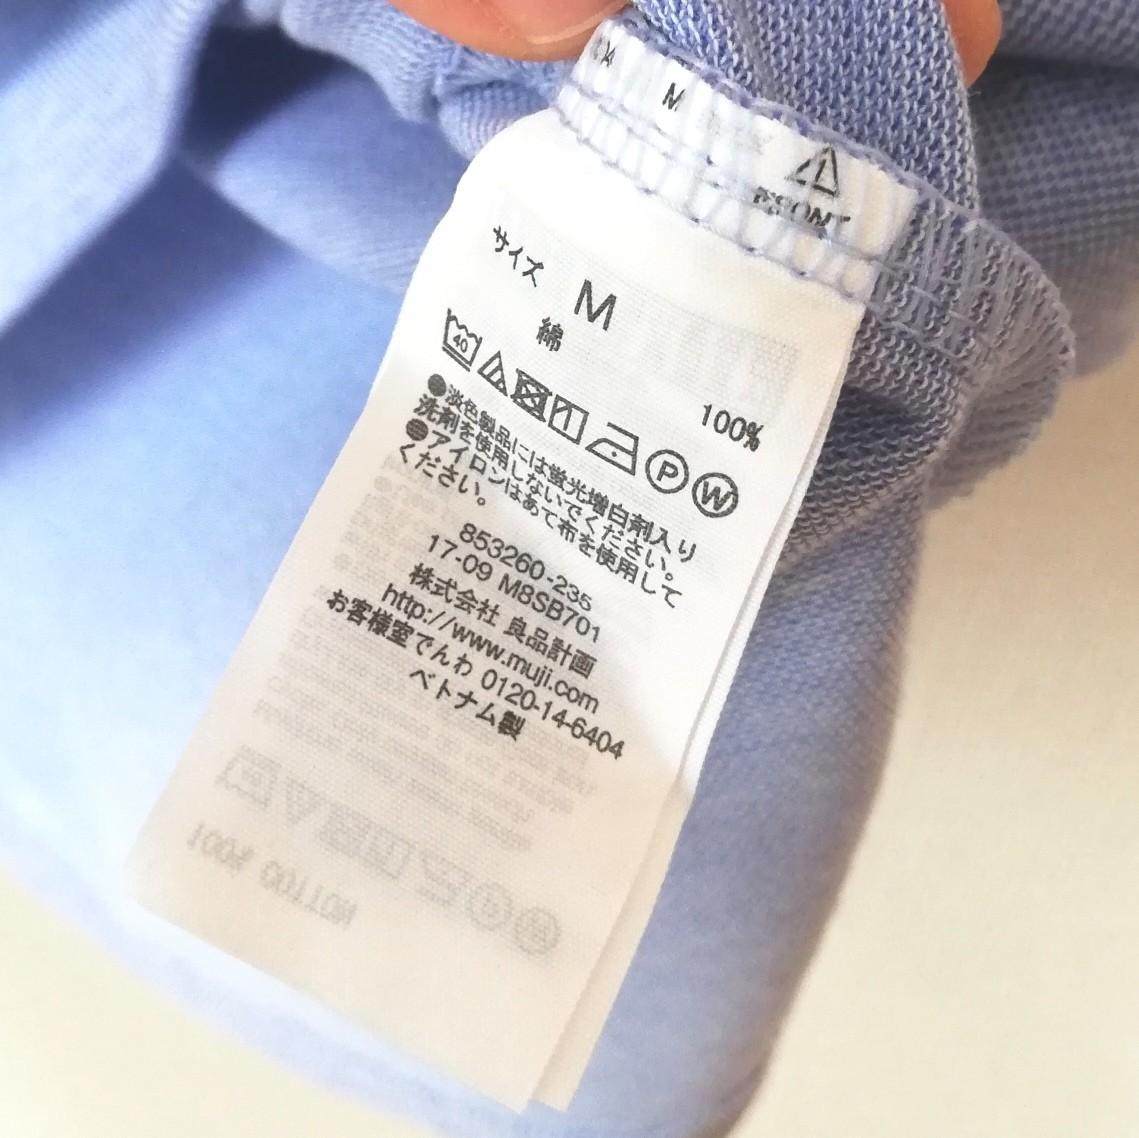 【美品】無印良品 ポロシャツ メンズ  オーガニックコットン100% 鹿の子半袖